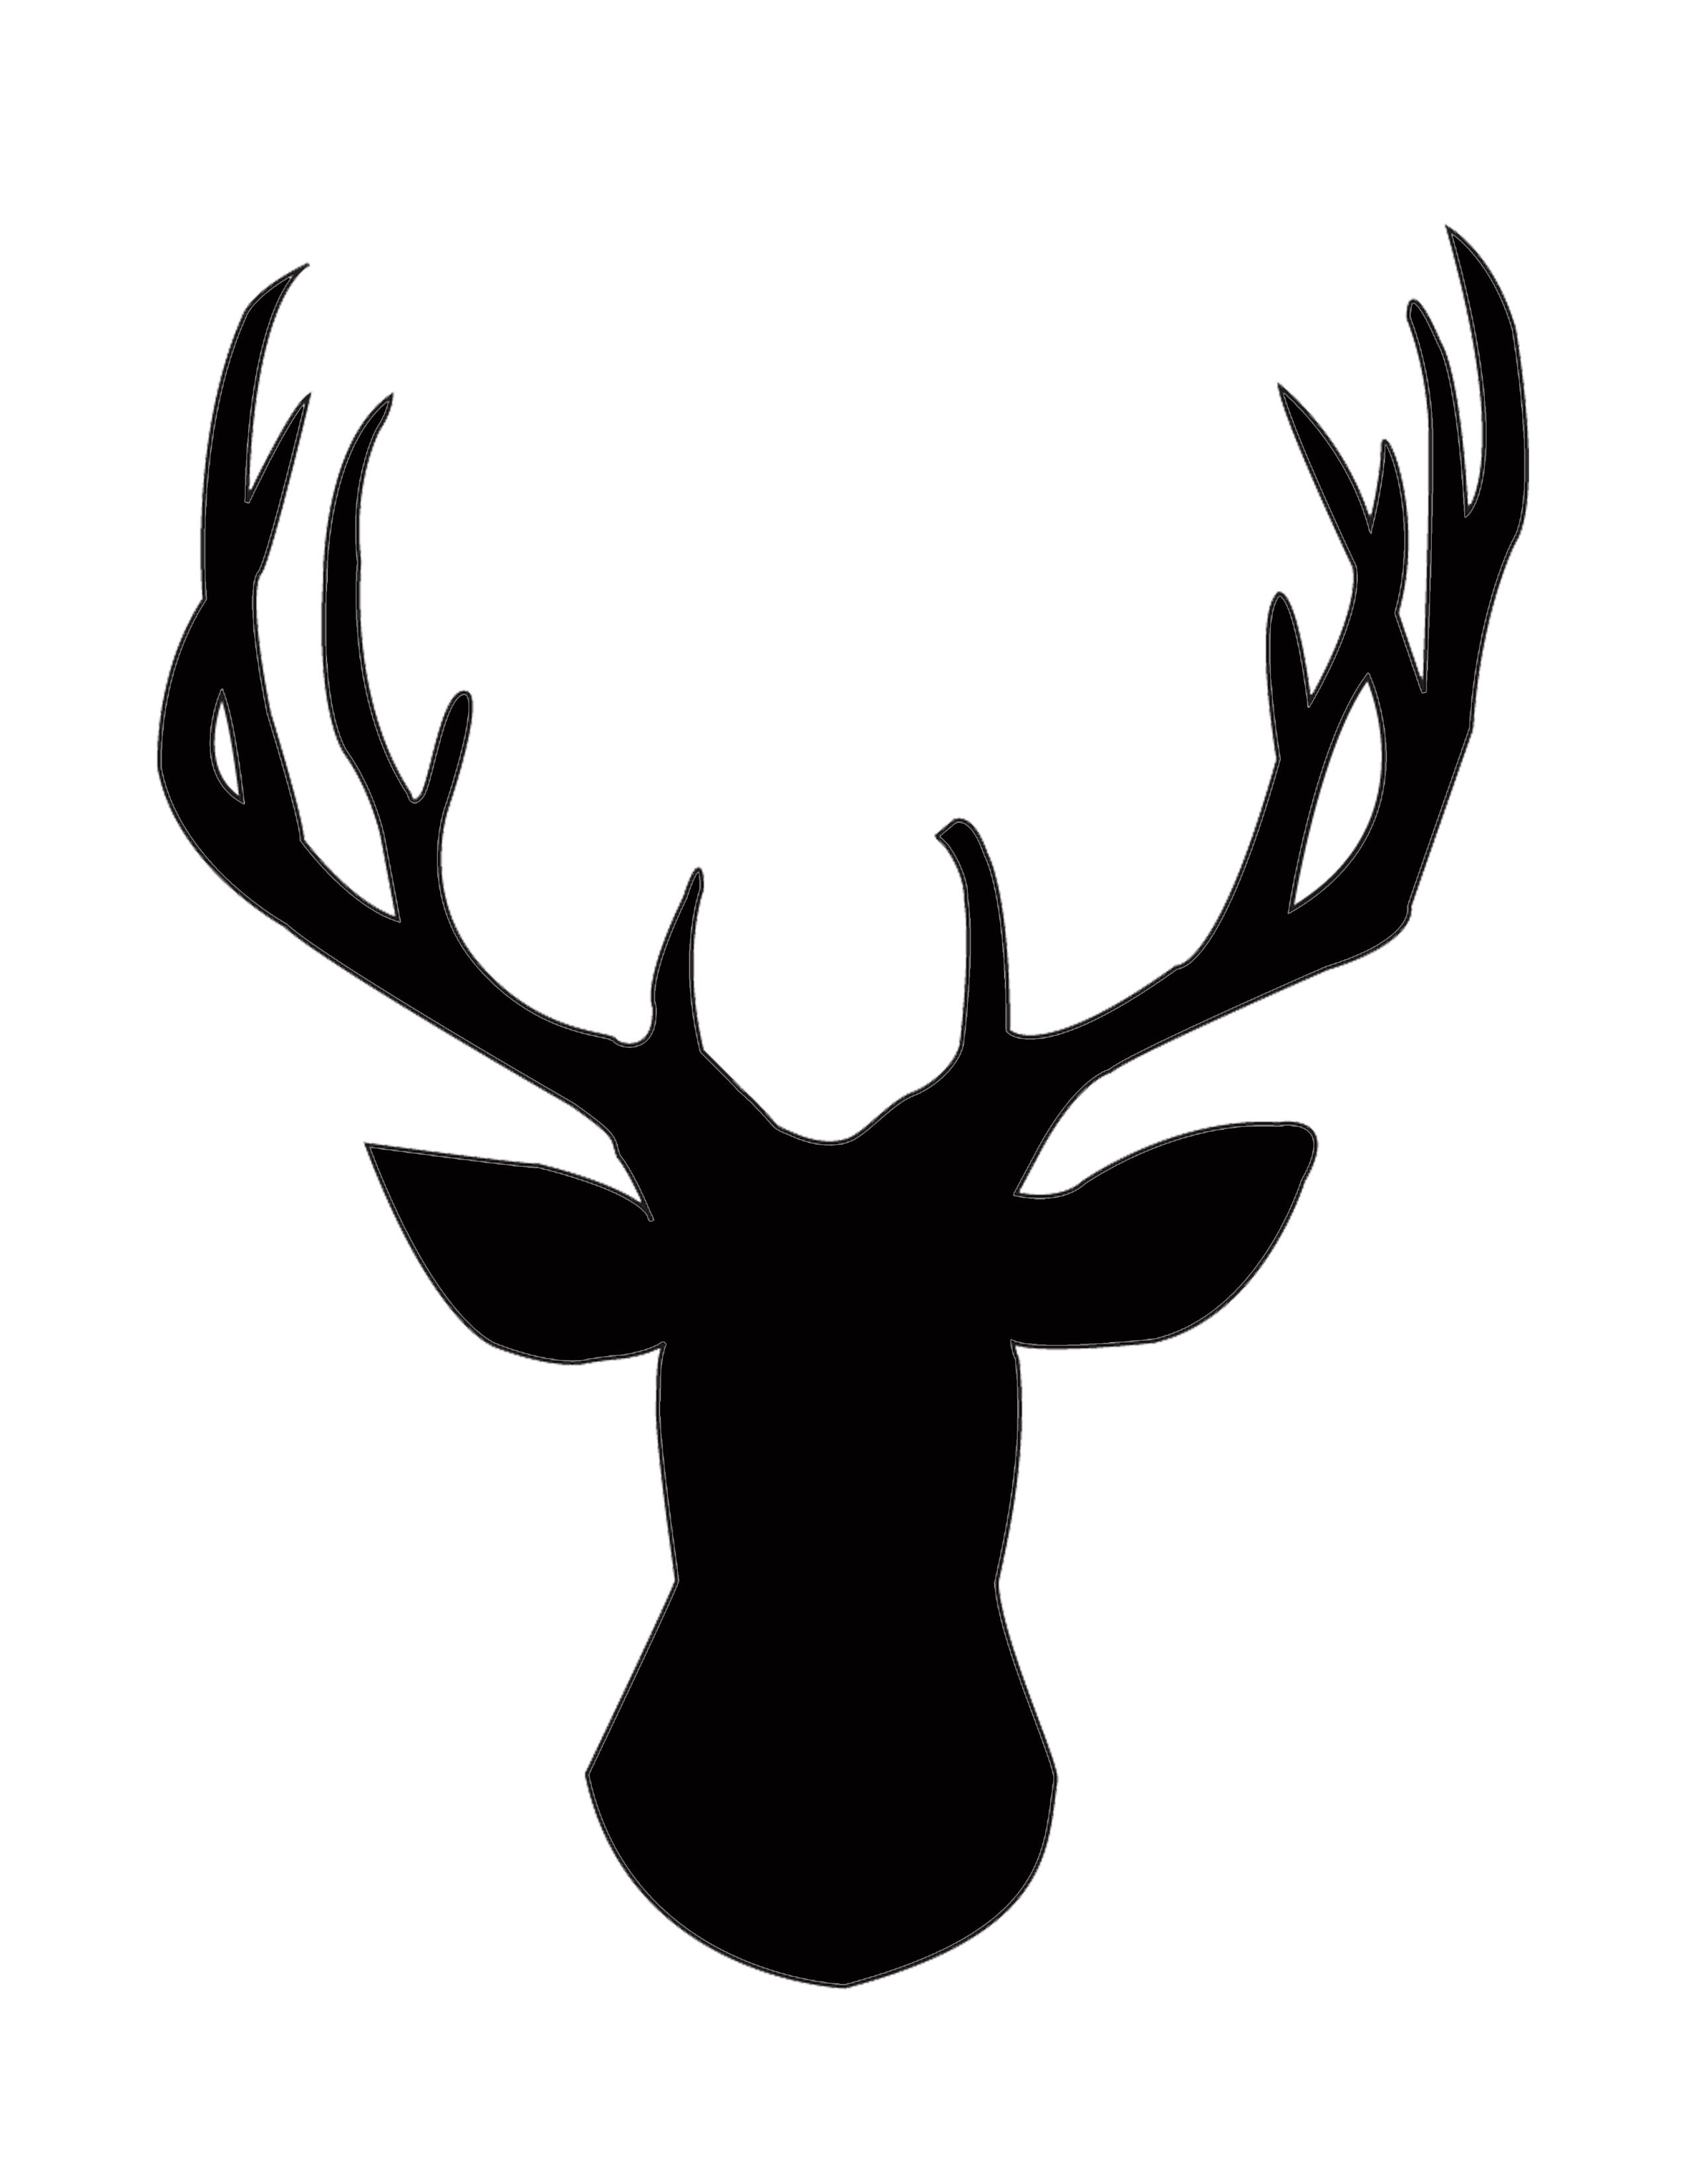 2550x3300 On Deer Silhouette Free Printable